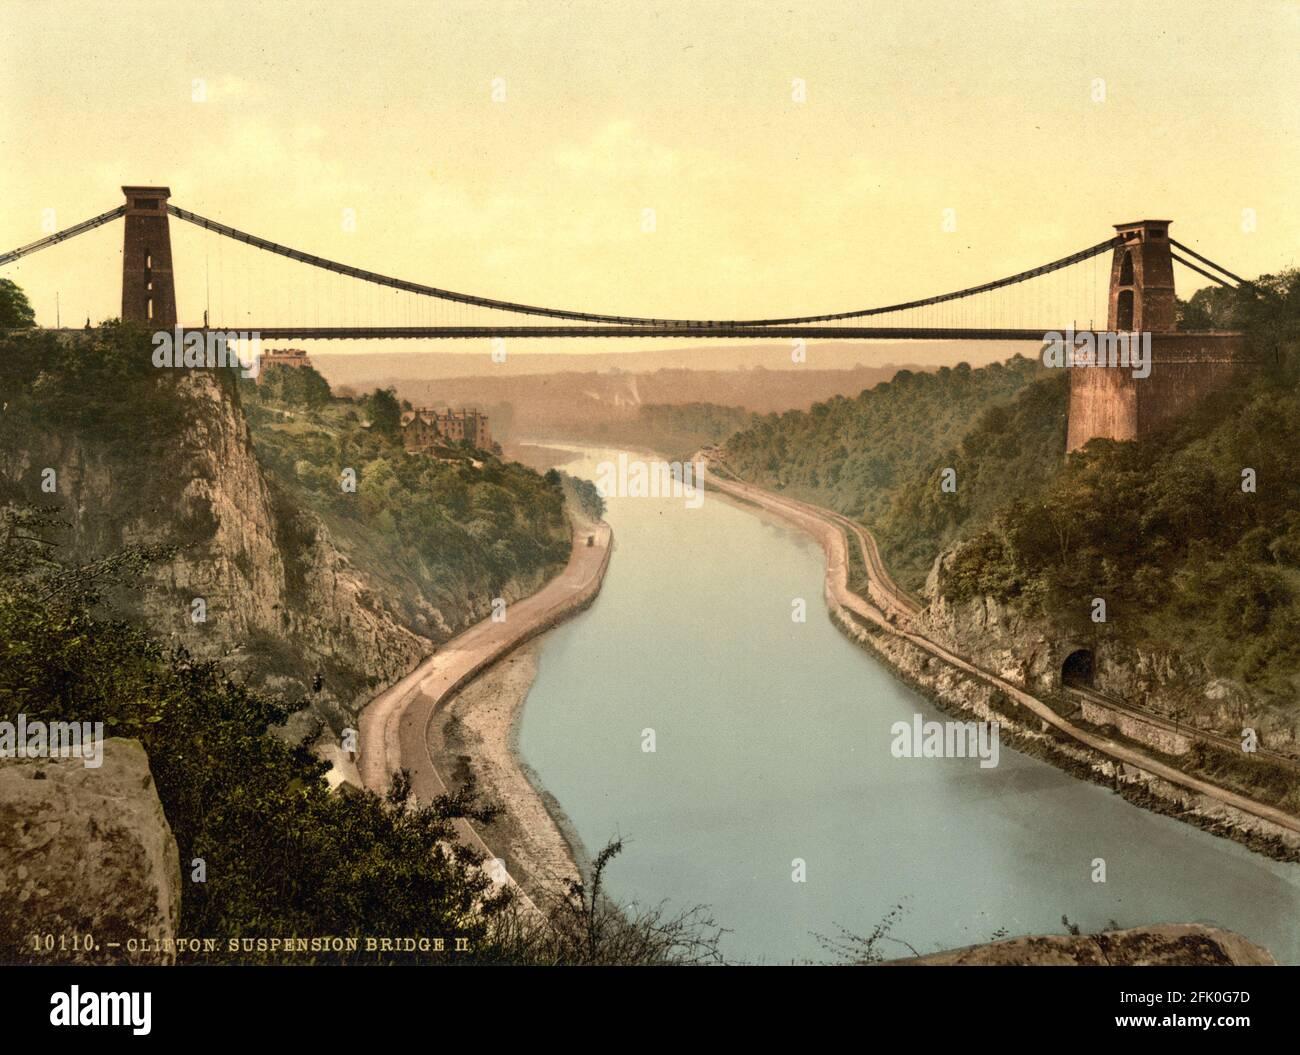 Clifton Suspension Bridge in der Nähe von Bristol um 1890-1900 Stockfoto